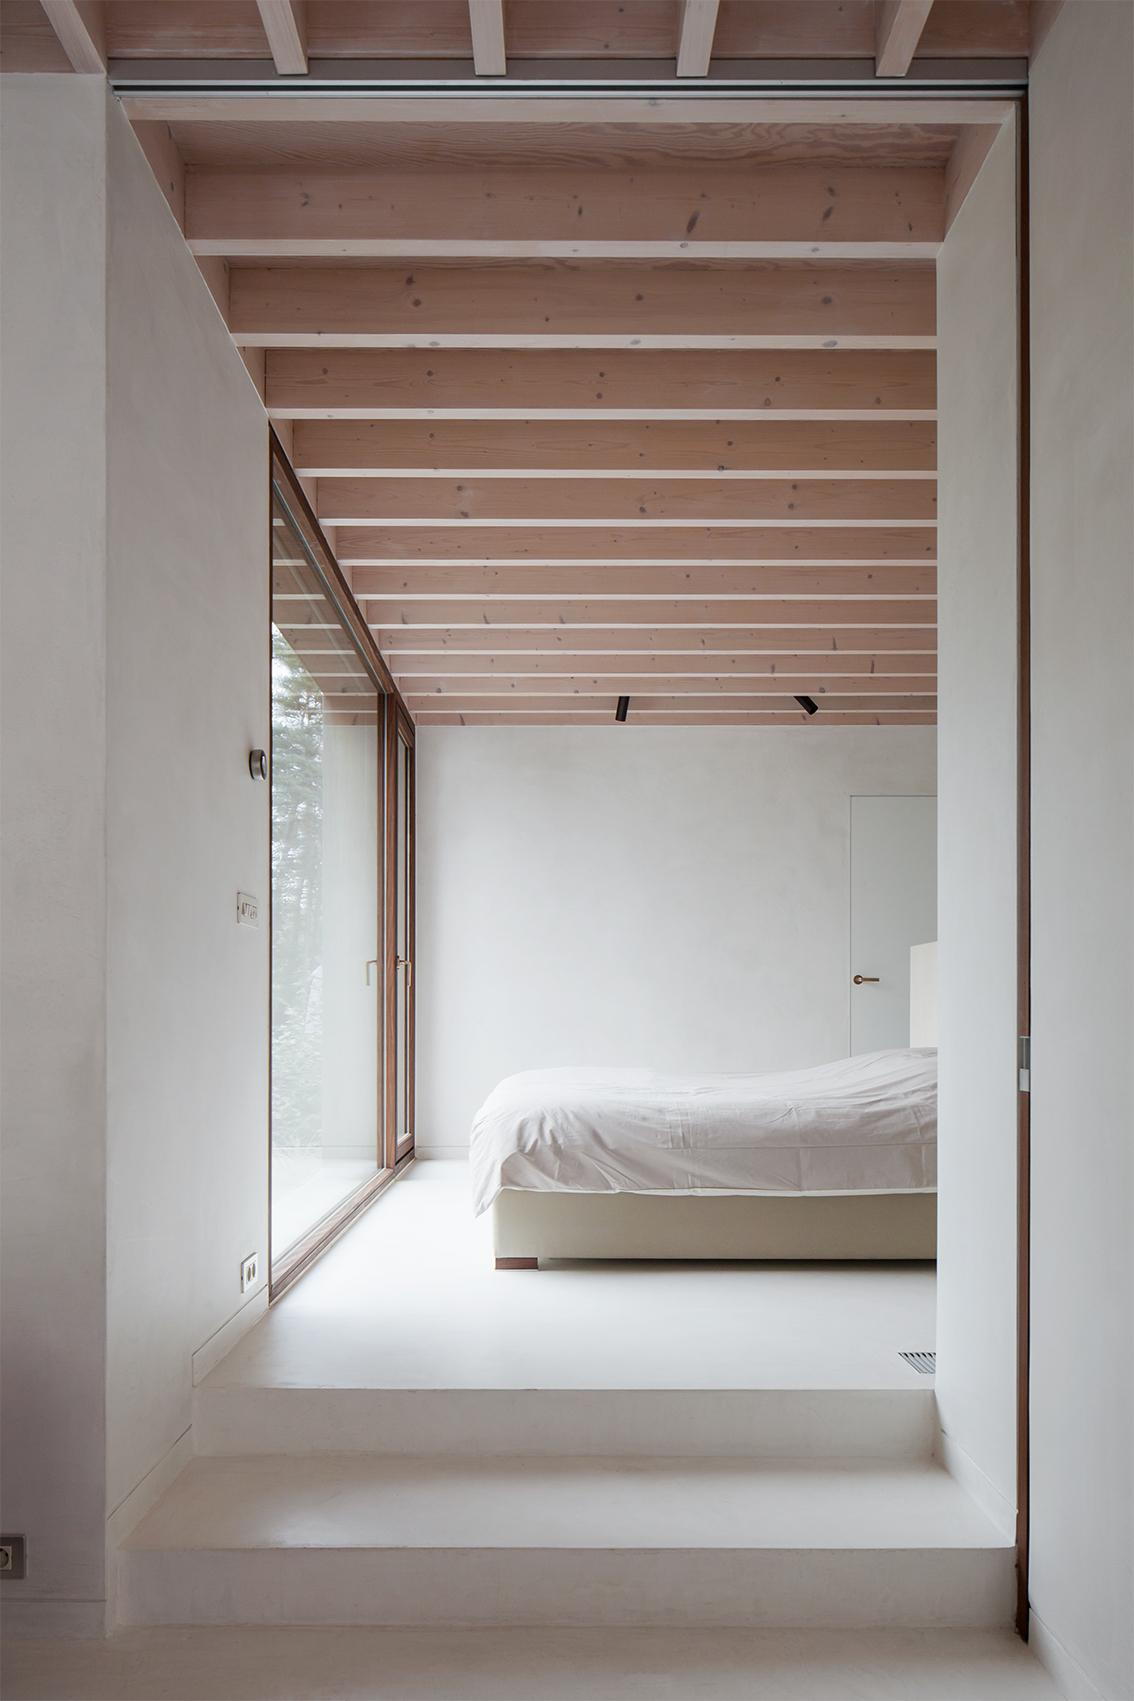 House-For-LD-13.jpg